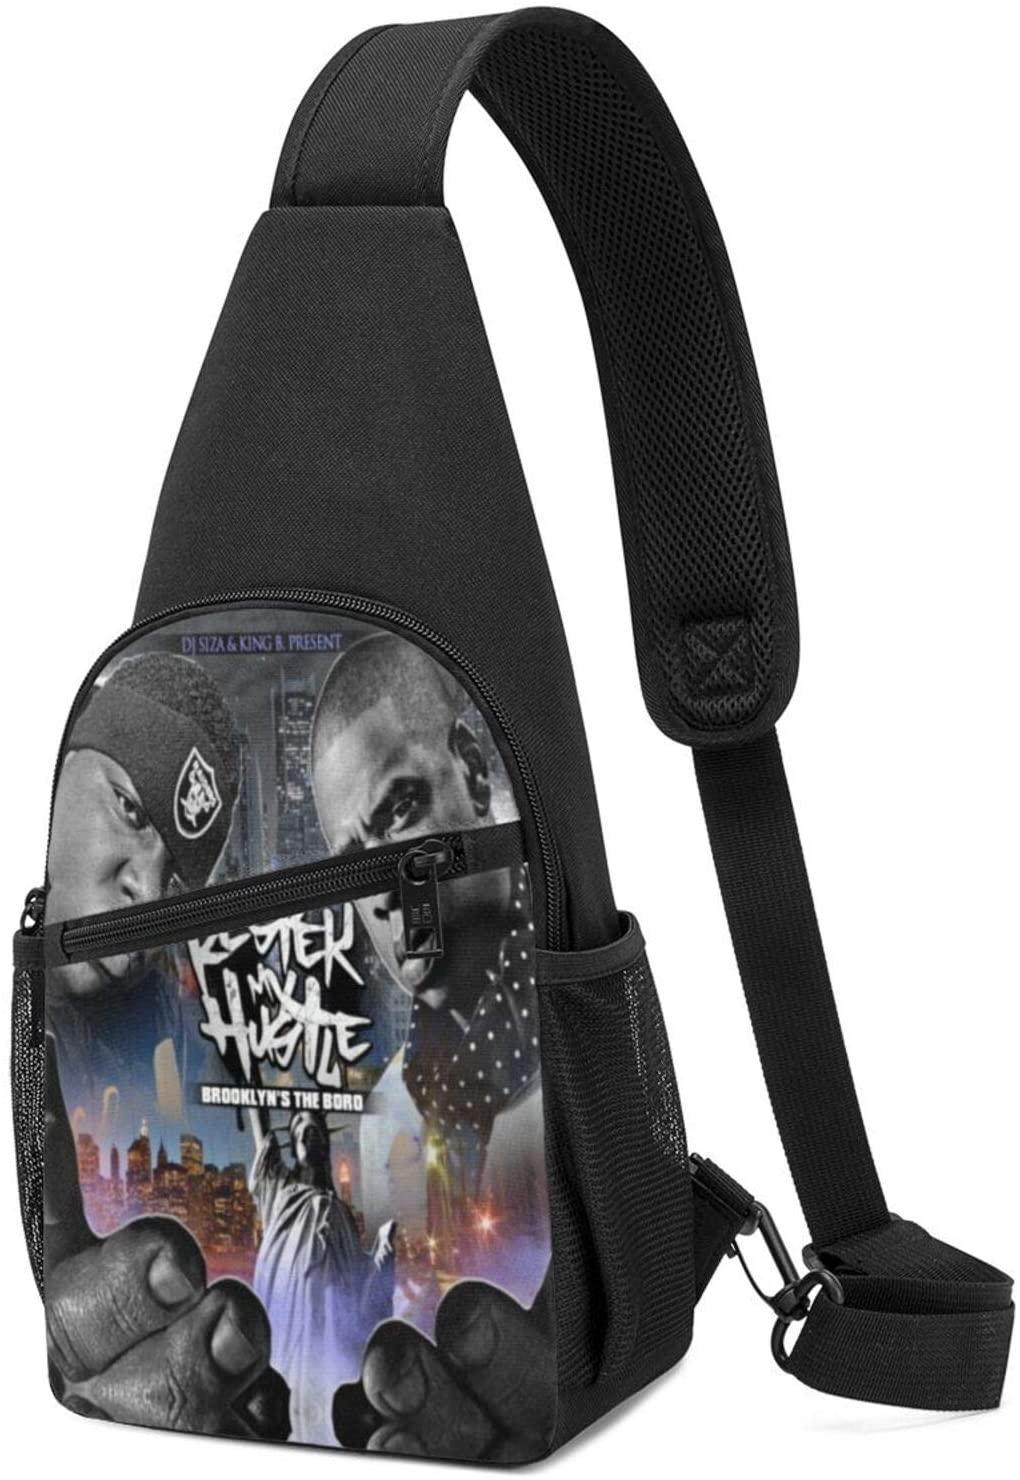 Jay-Z & Biggie- Brooklyn's Finestfashion Travel Bag Chest Bag Shoulder Messenger Bag